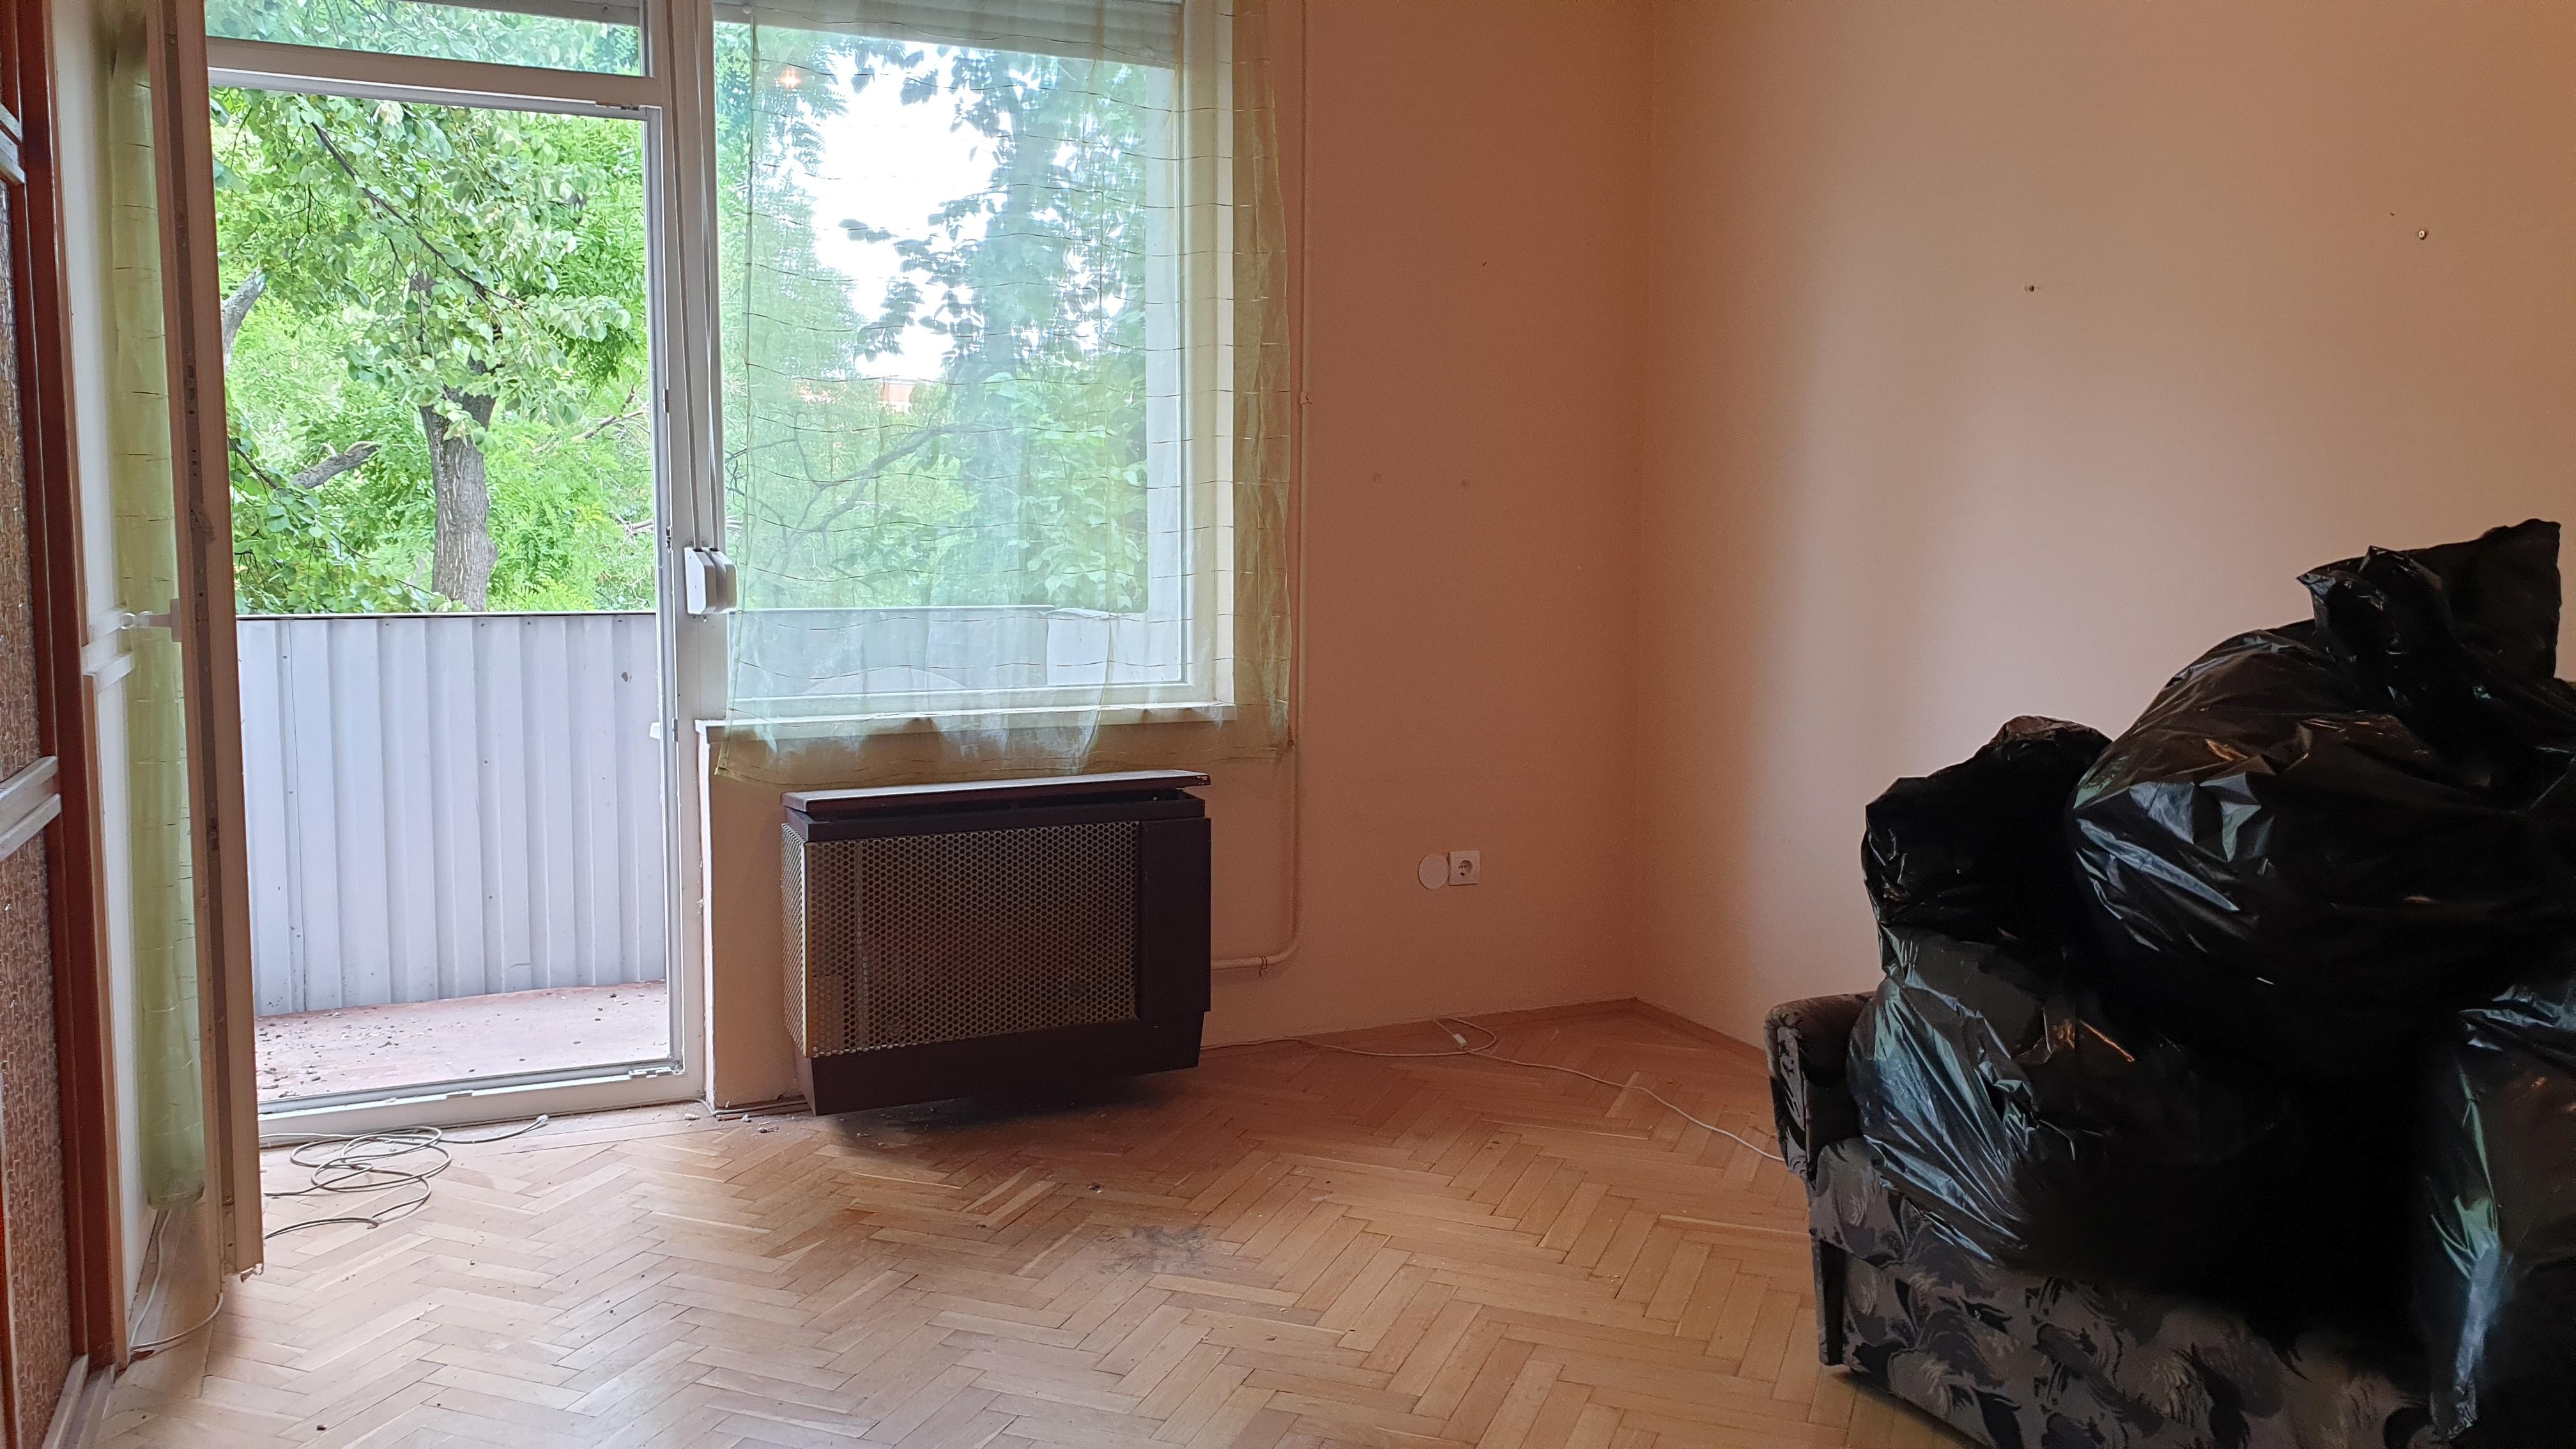 Pécs Uránváros központjában lakás eladó